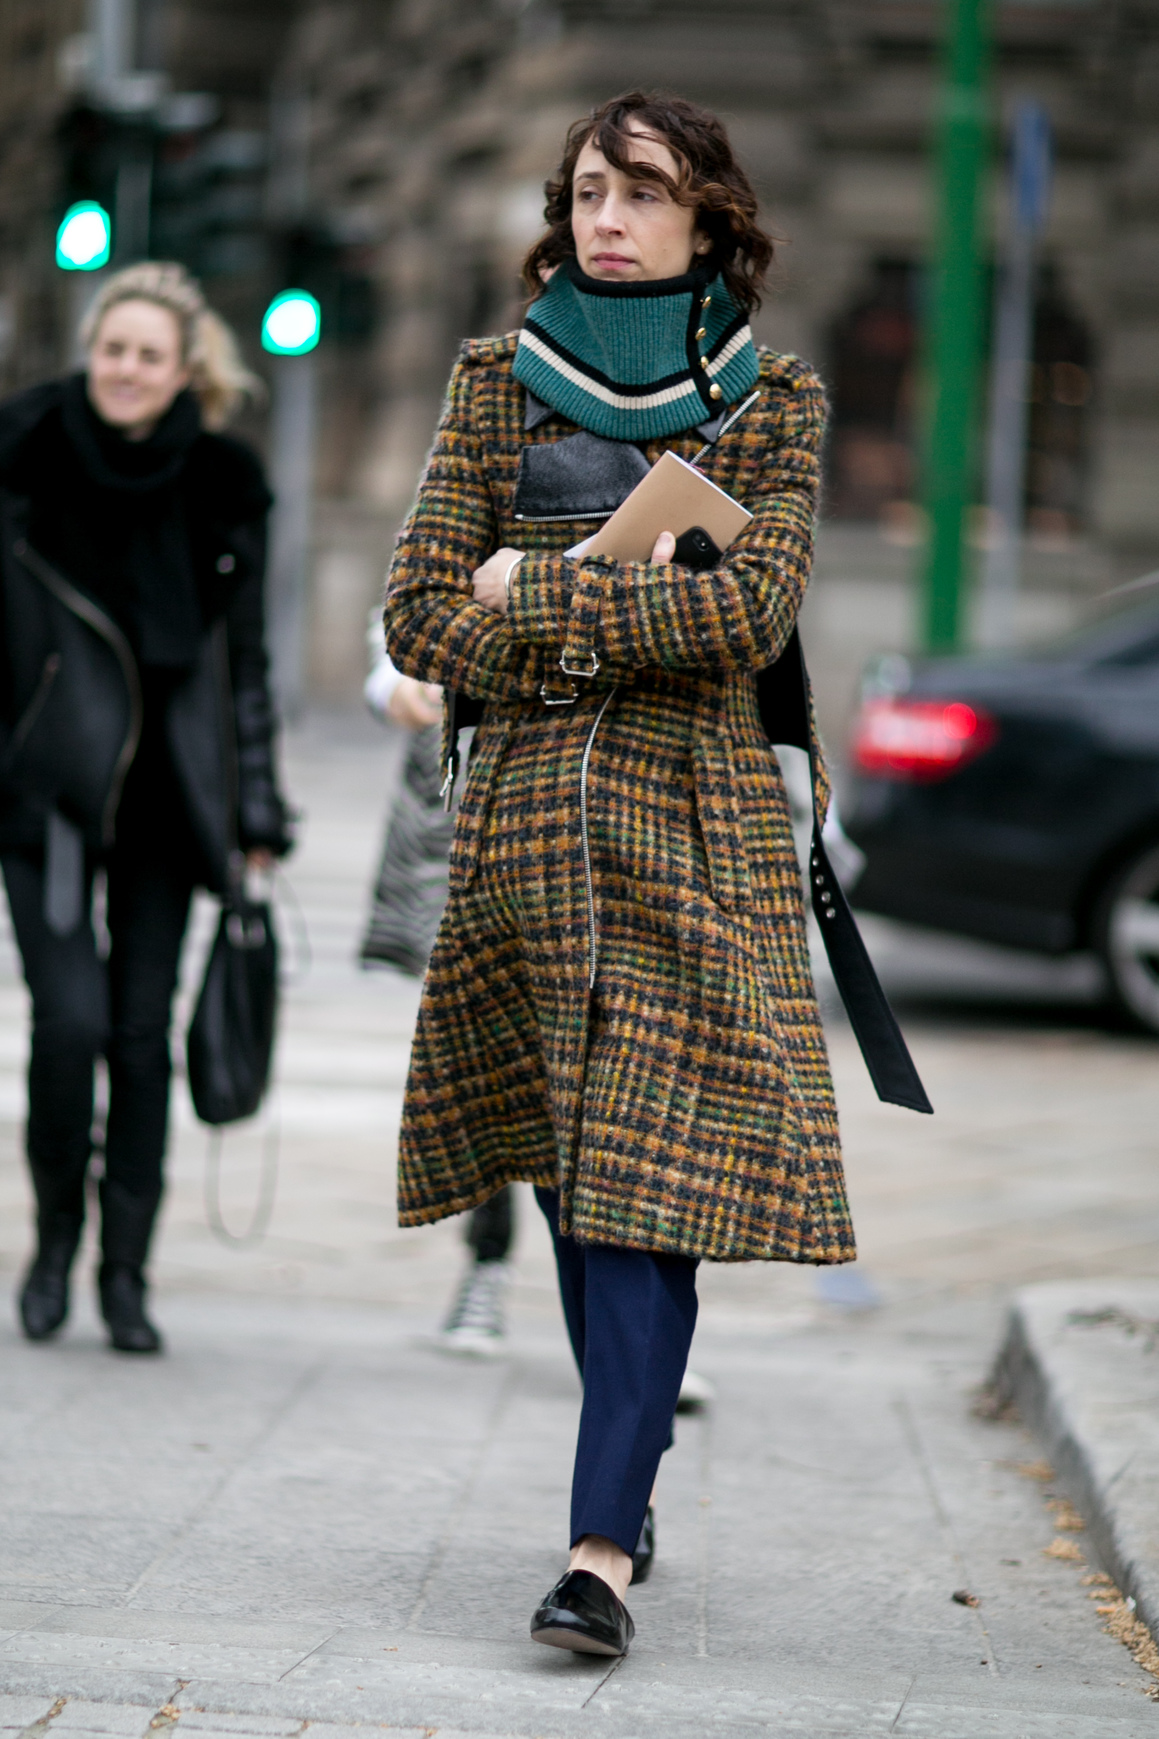 Вокруг шеи: 5 типов шарфов, которые должны быть у вас в шкафу-Фото 13